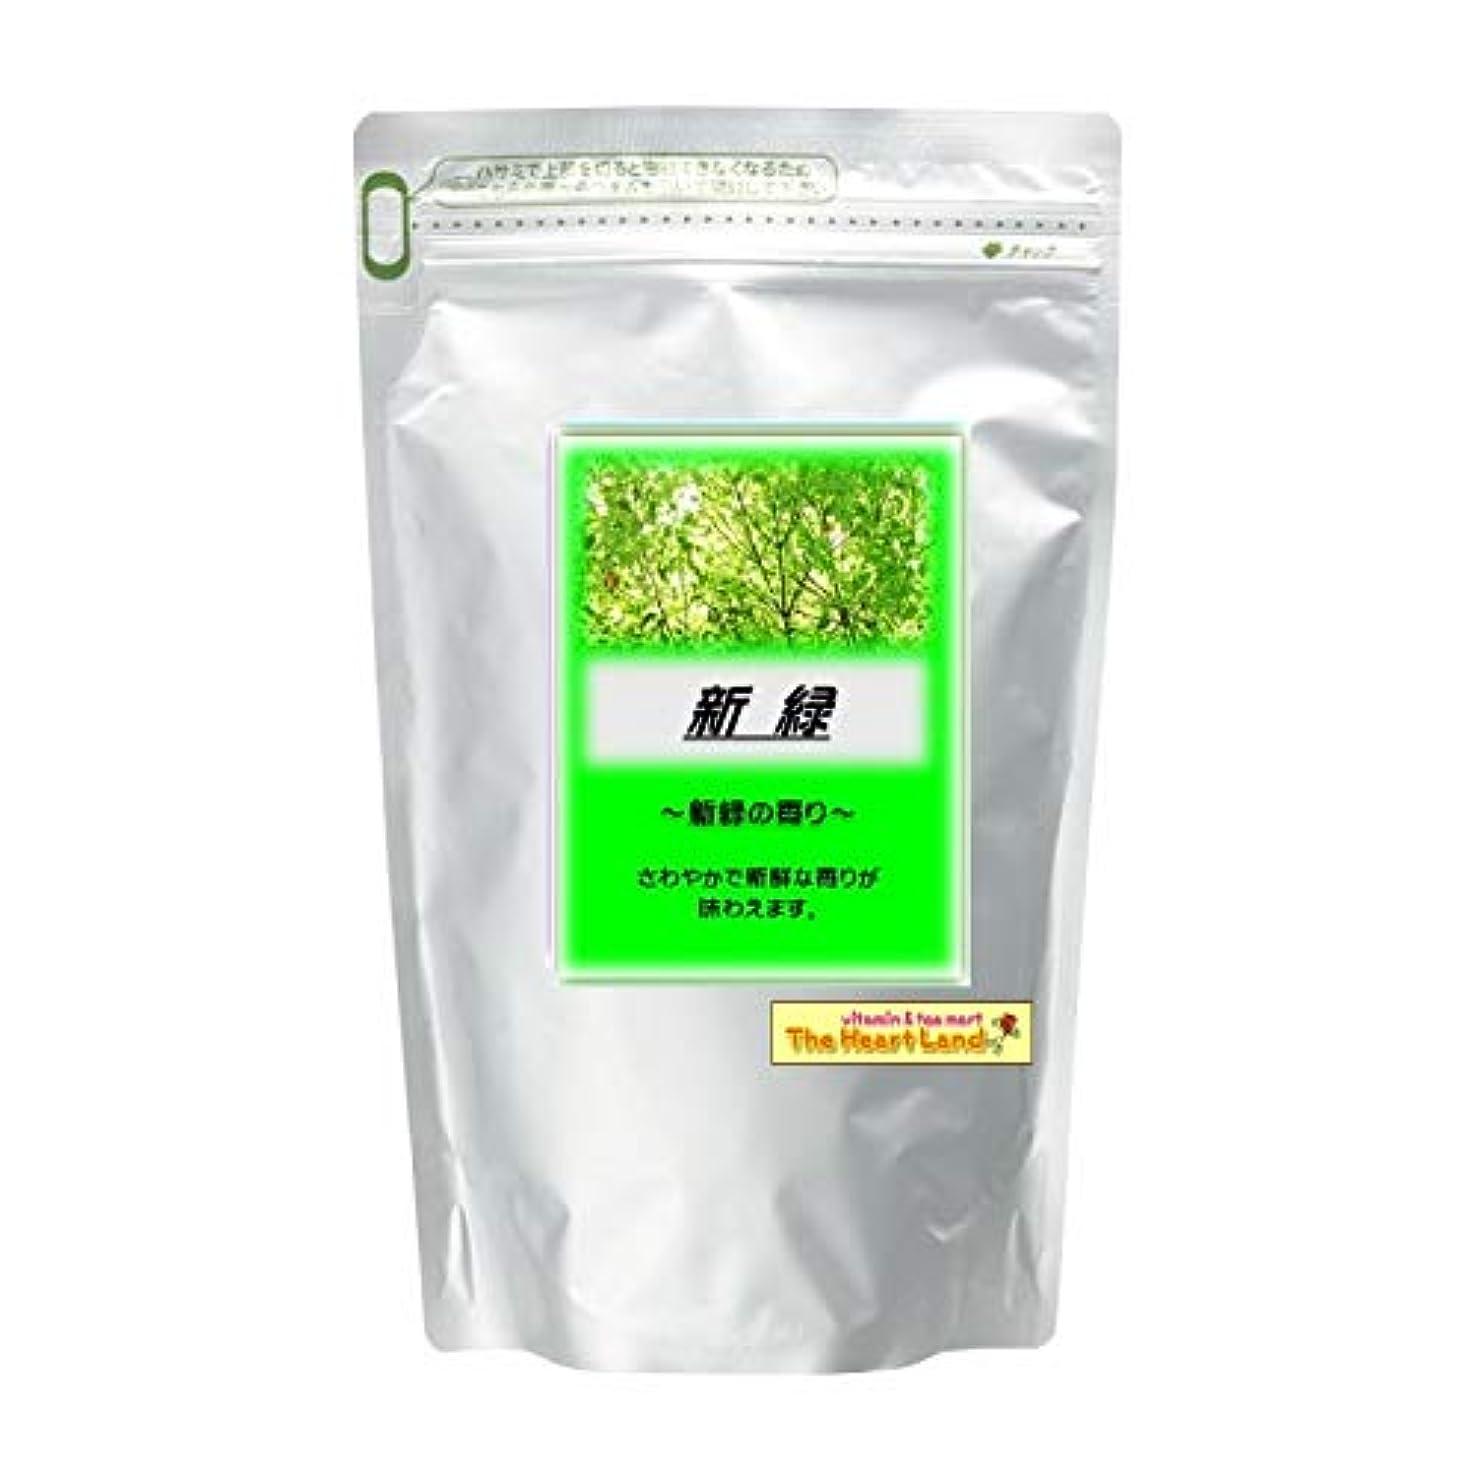 マネージャースタンドなぞらえるアサヒ入浴剤 浴用入浴化粧品 新緑 2.5kg